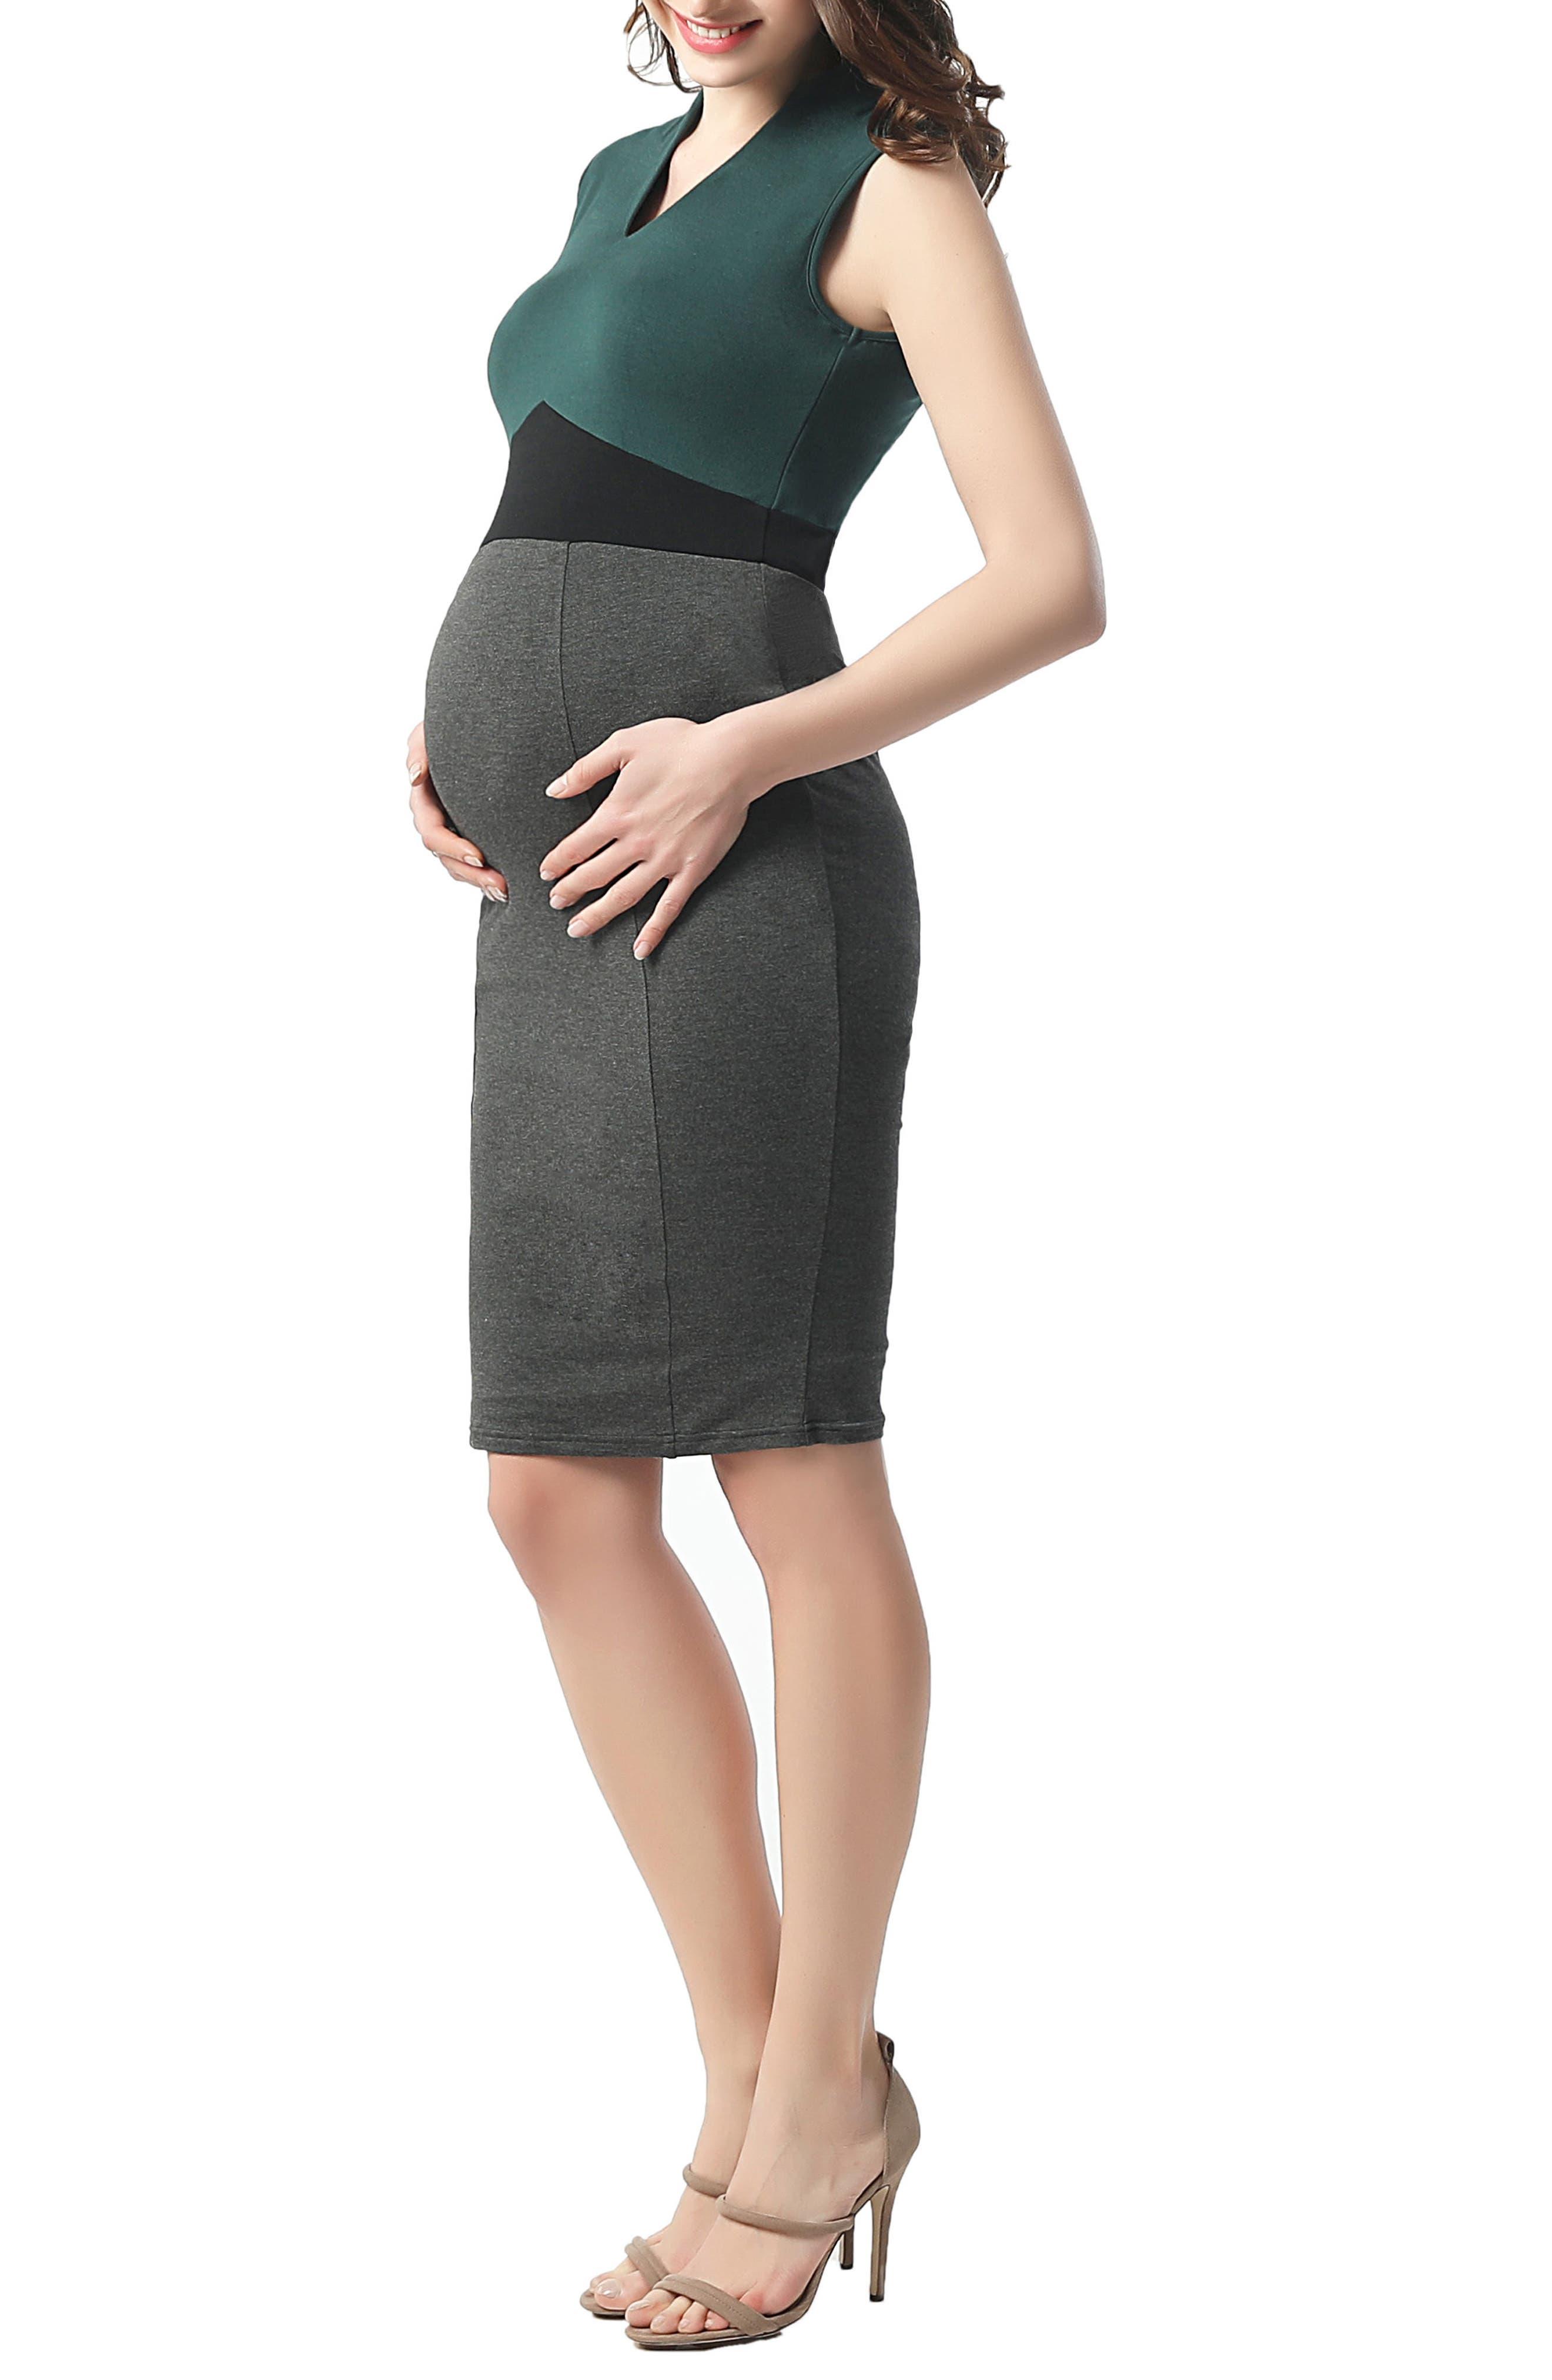 Jessie Maternity Body-Con Dress,                             Alternate thumbnail 2, color,                             MULTICOLORED